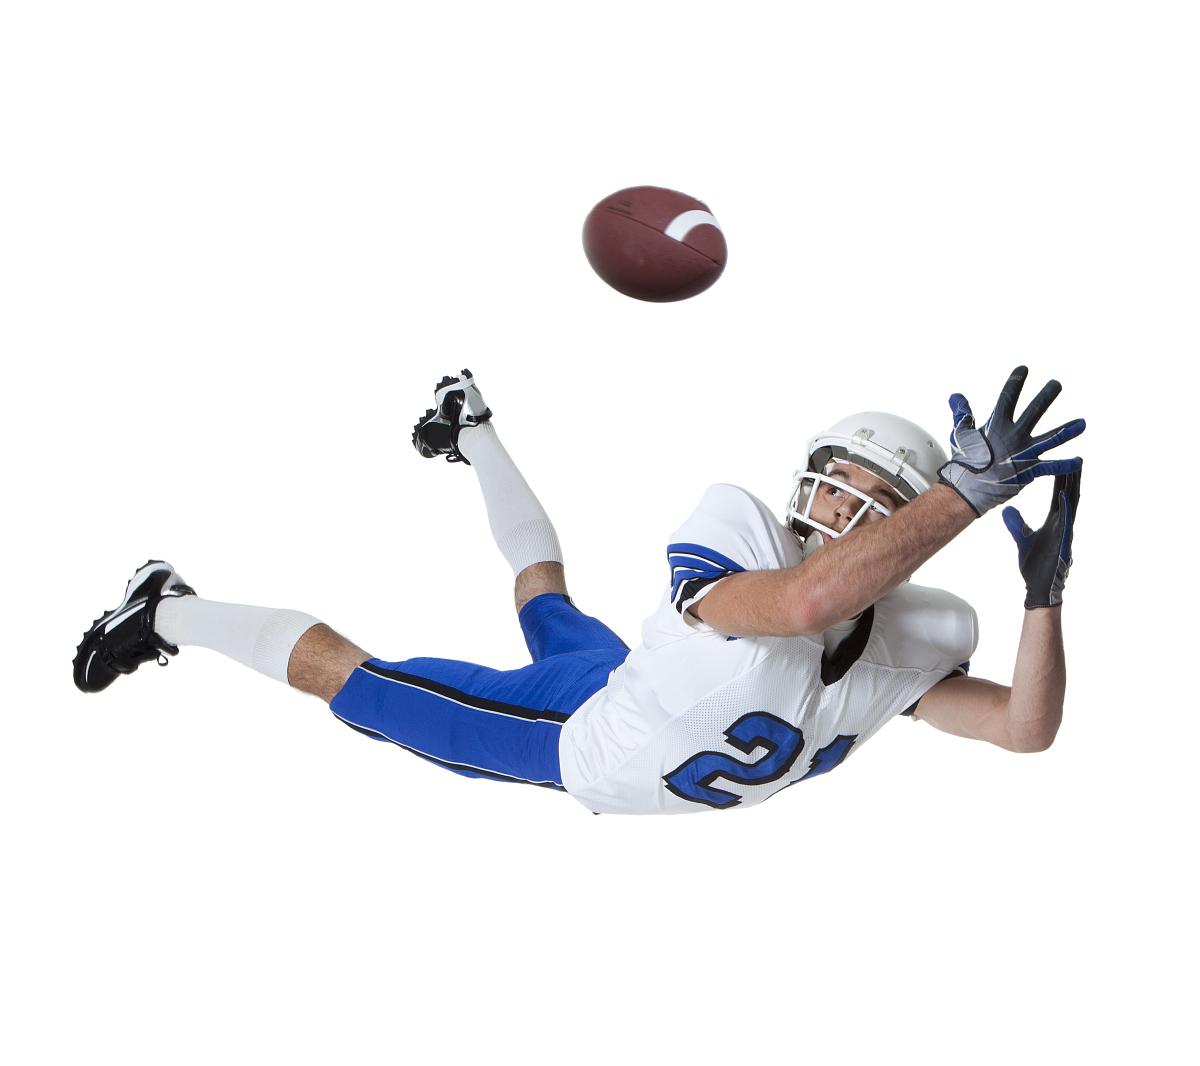 男子美式橄榄球接球球,摄影棚图片